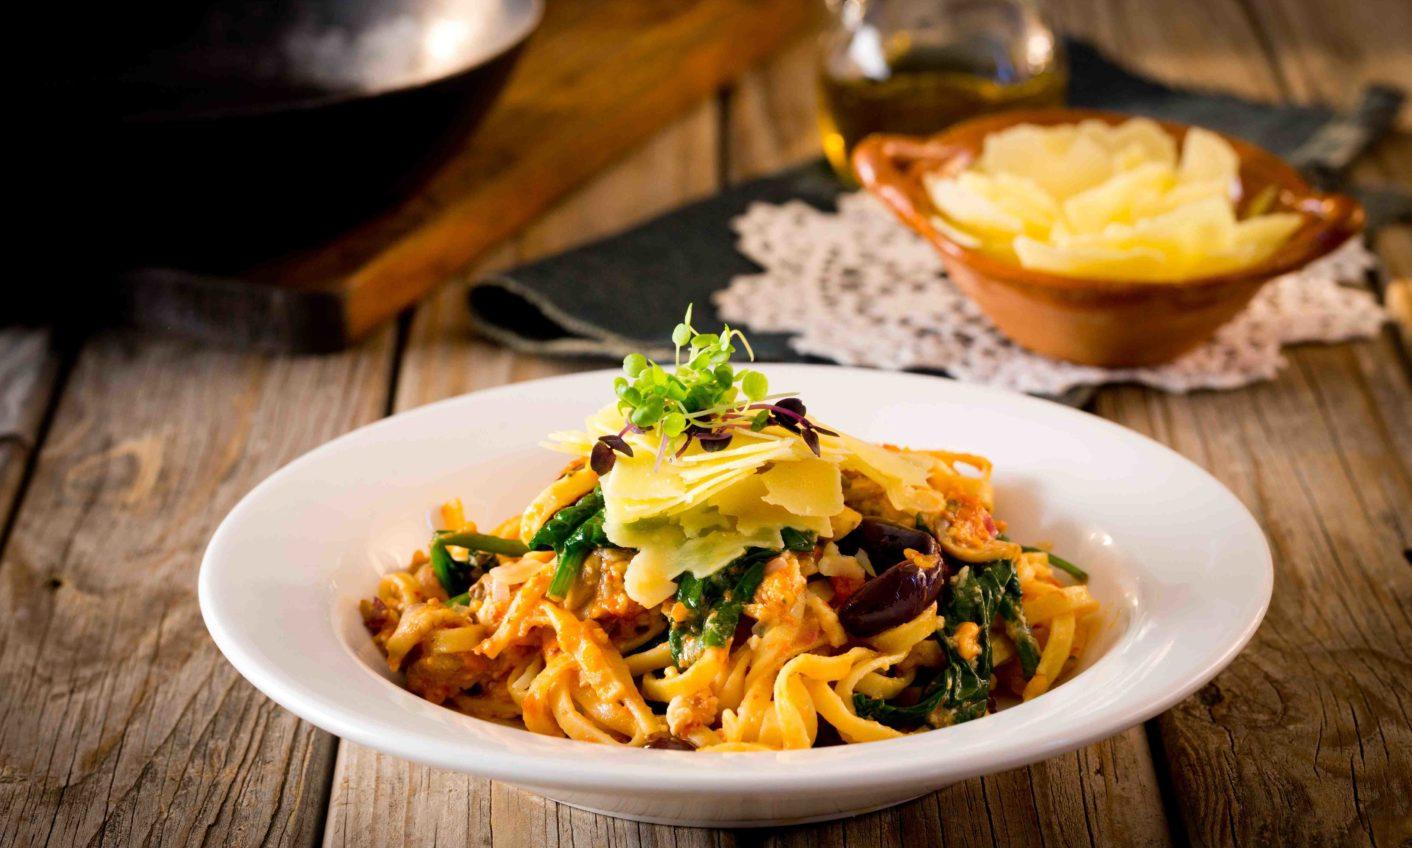 Mushroom Feta And Spinach Linguine